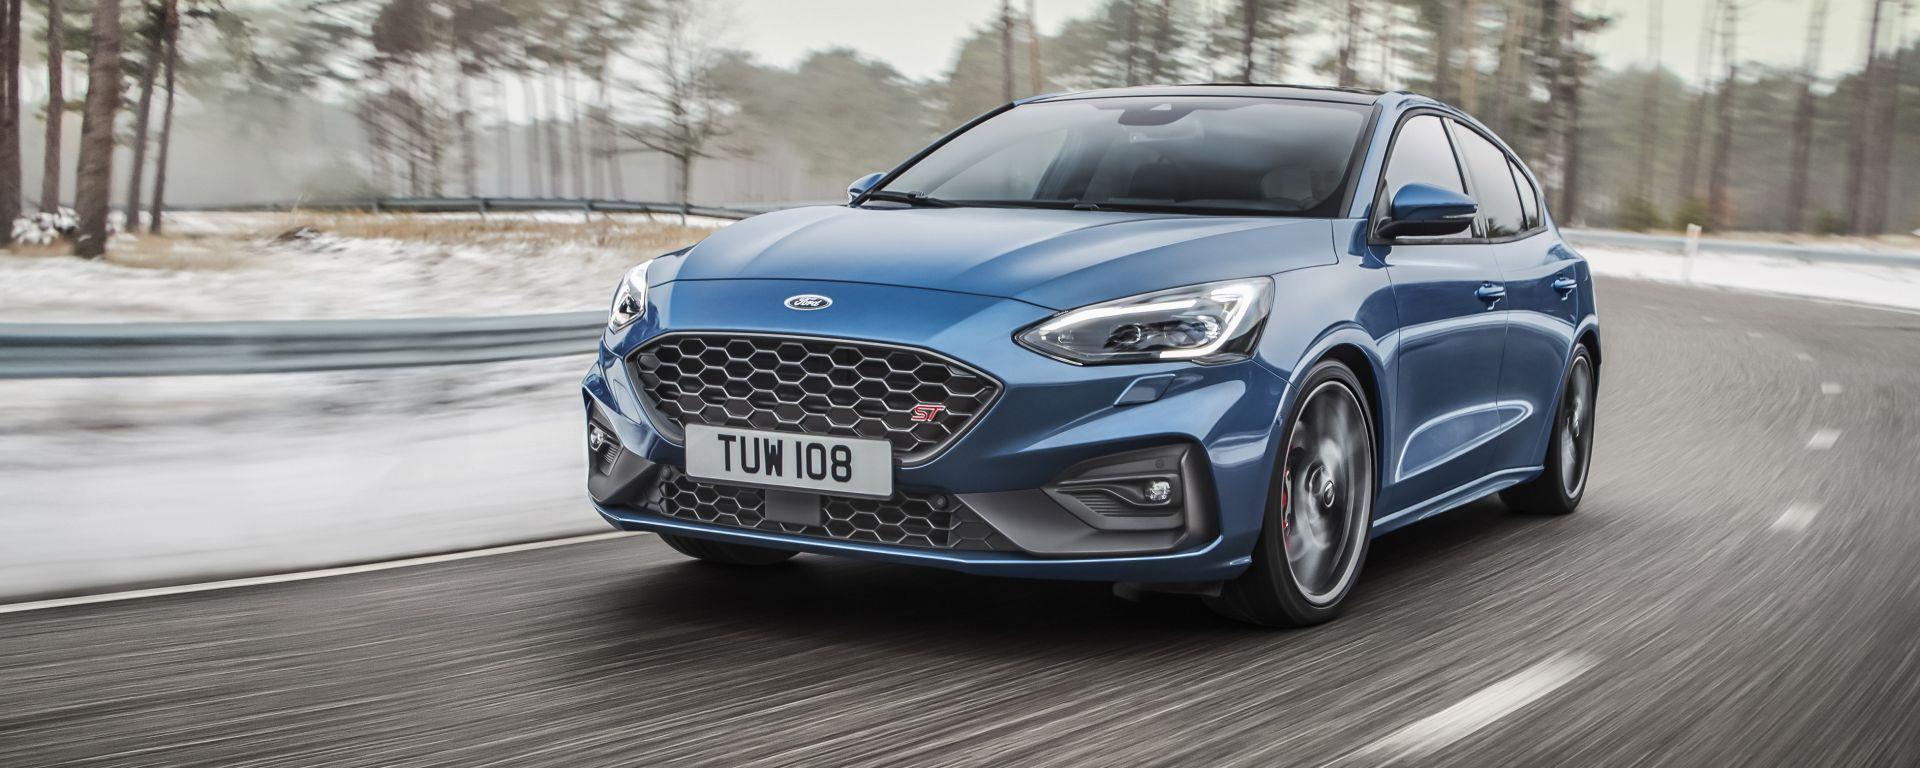 Ford Focus ST 2019: foto, prezzo, motore, cavalli